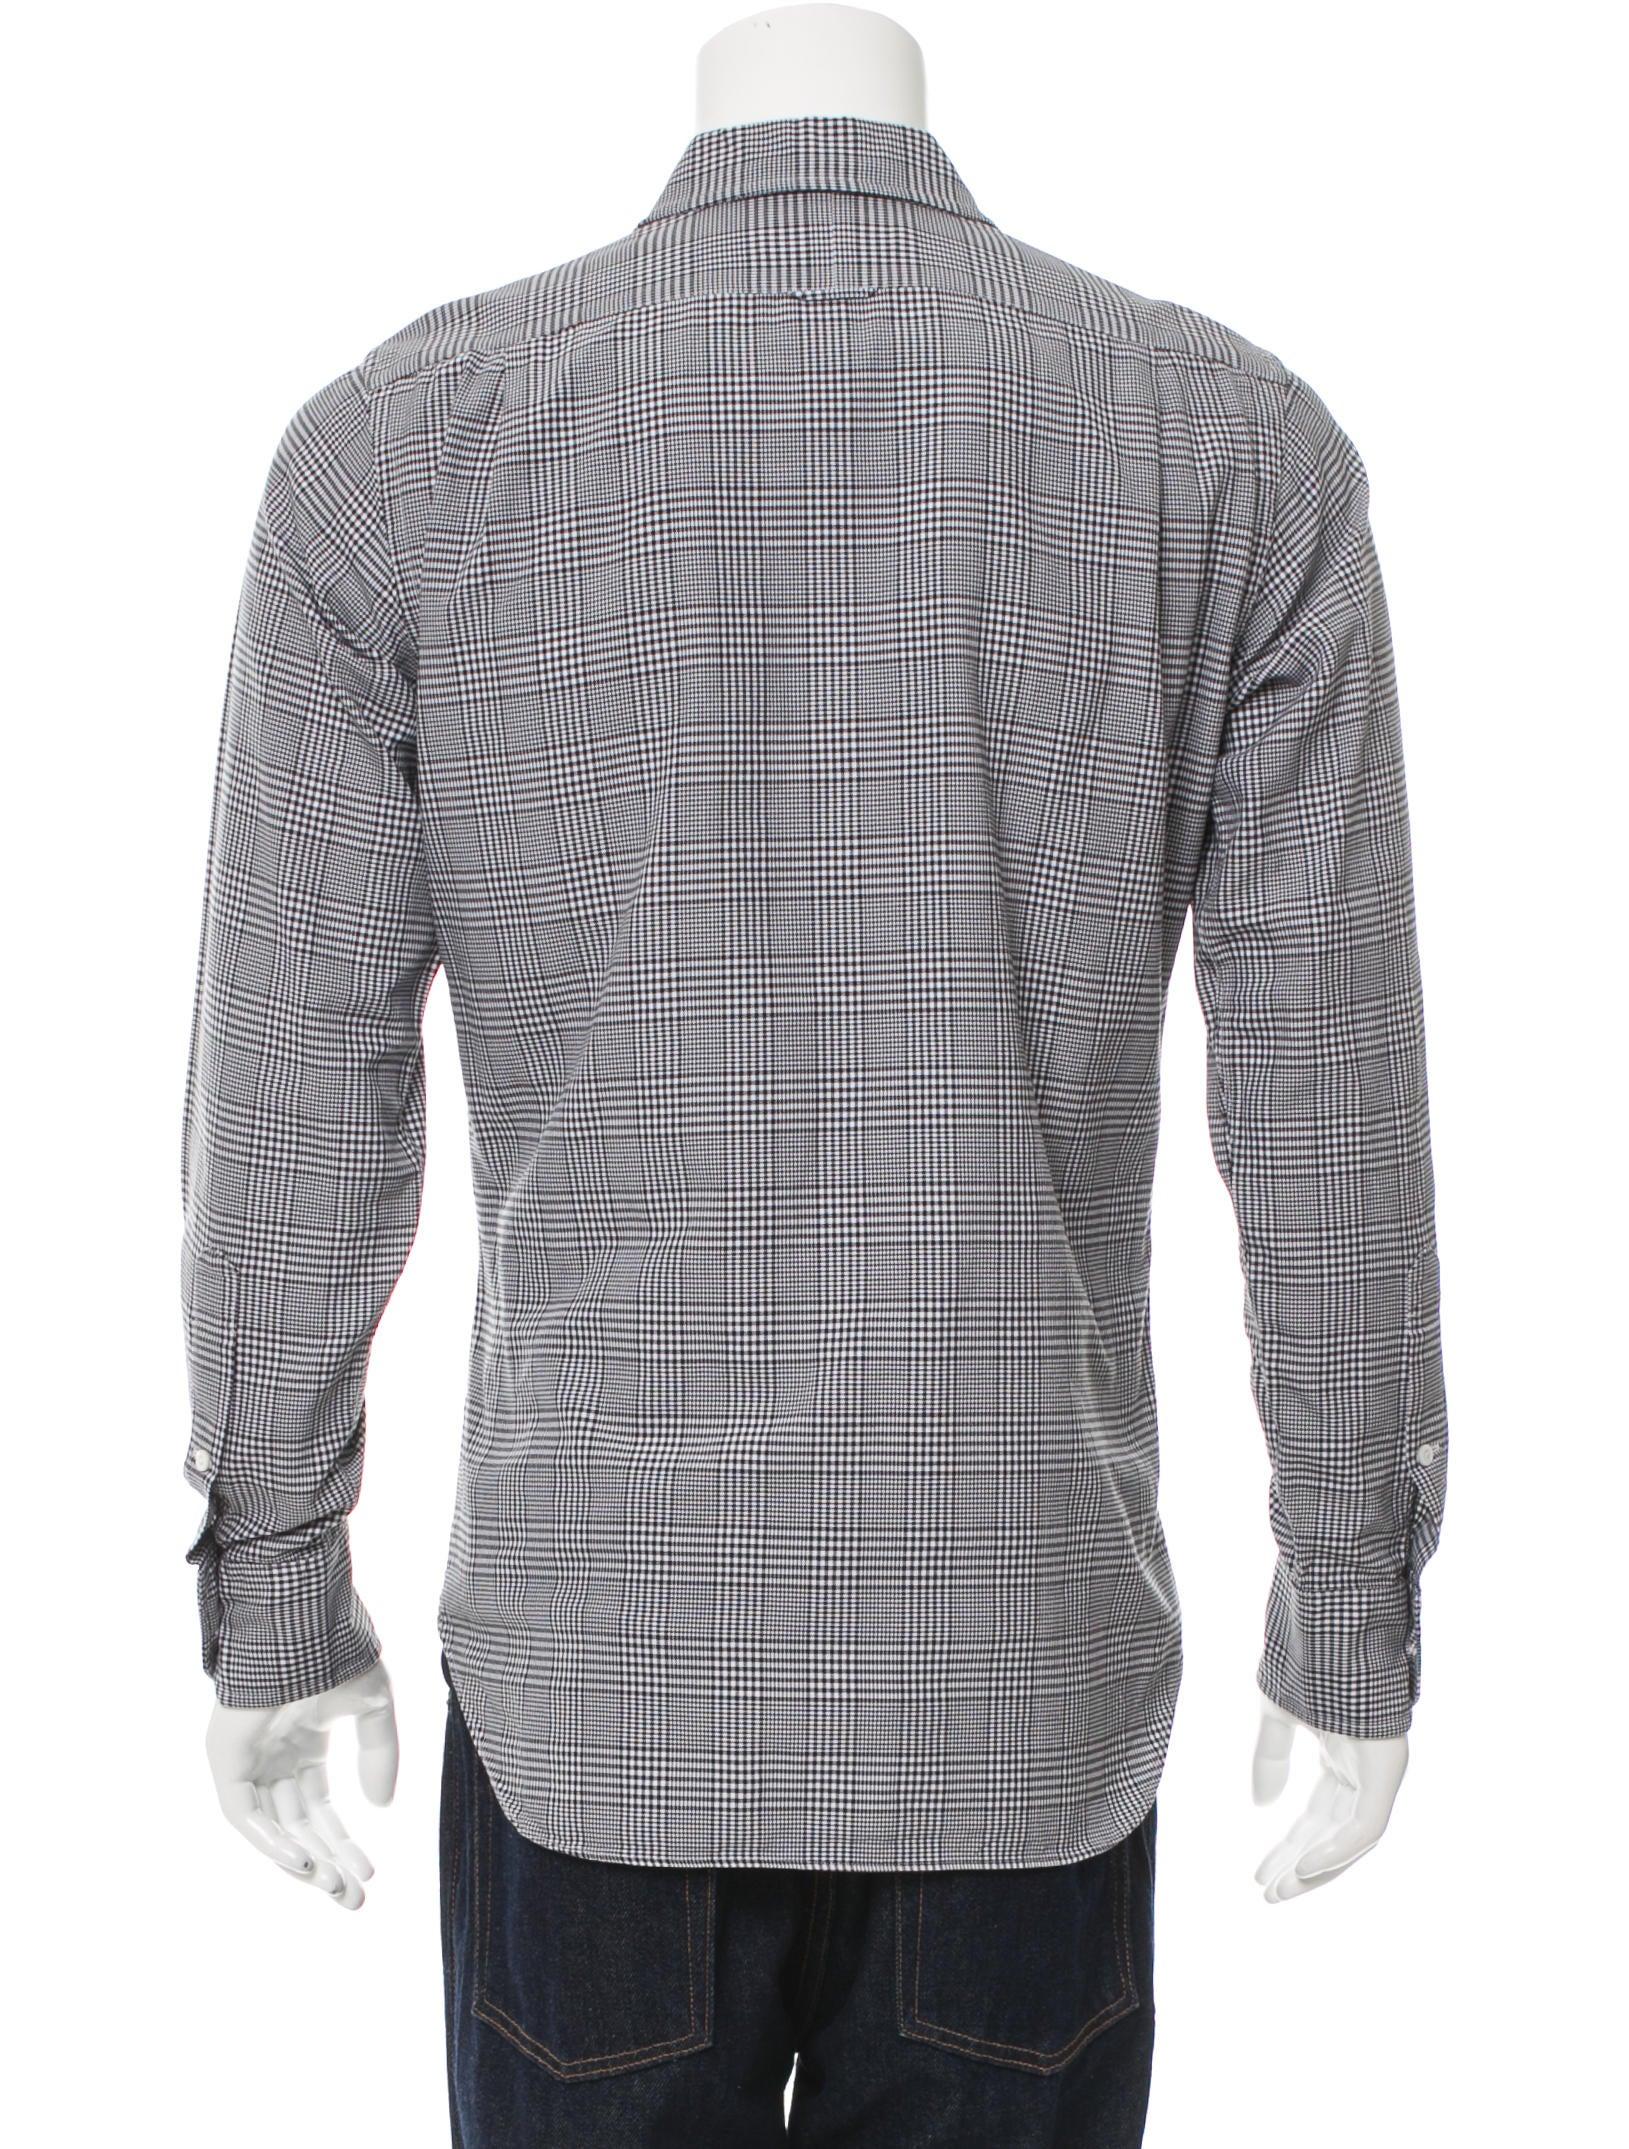 Thom browne plaid button up shirt clothing tho21790 for Thom browne white shirt